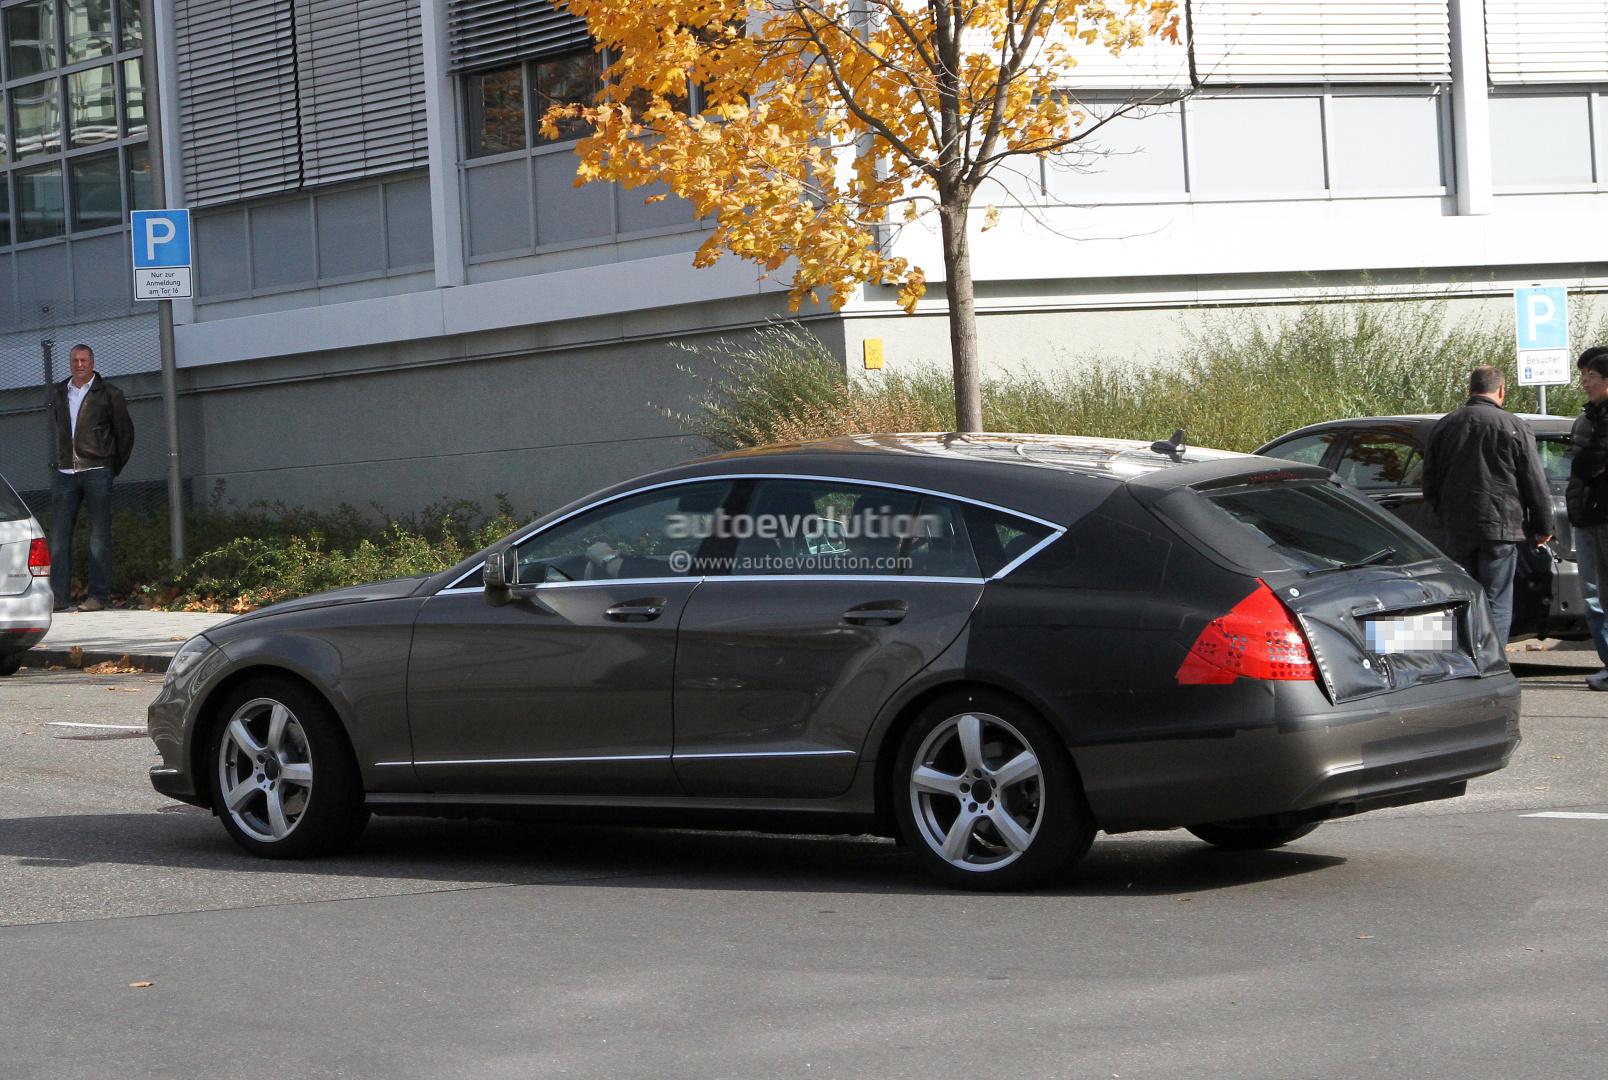 spyshots 2012 mercedes cls shooting brake autoevolution. Black Bedroom Furniture Sets. Home Design Ideas